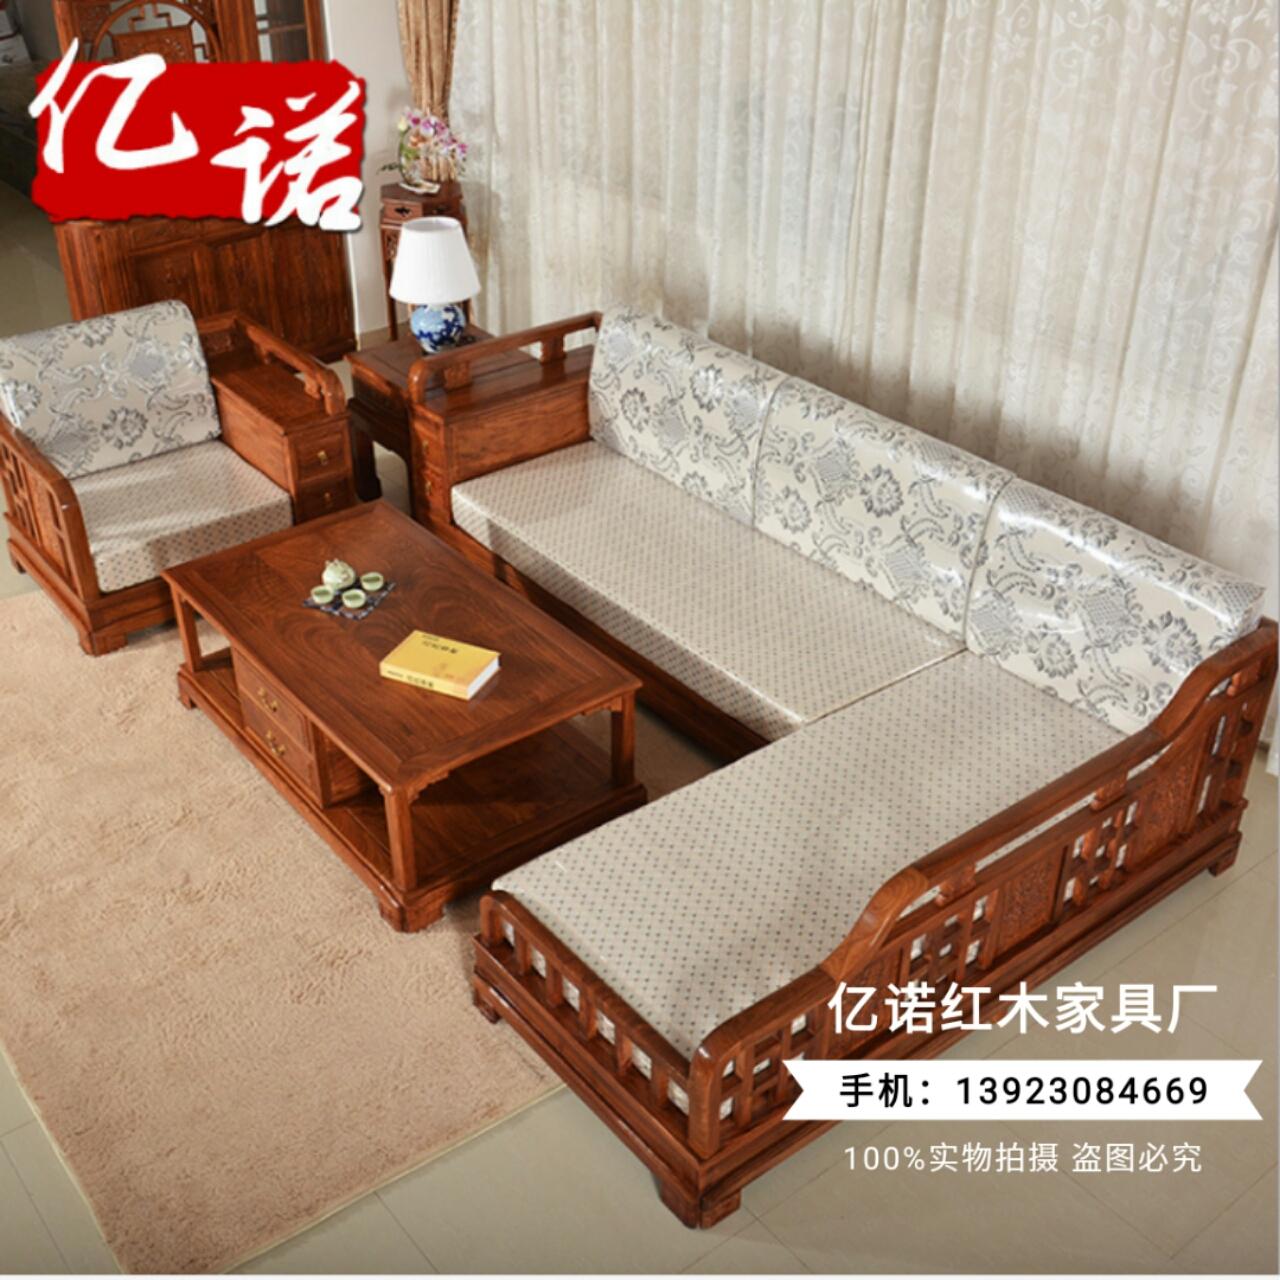 新中式贵妃沙发-江门红木家具厂 新中式贵妃沙发-江门红木家具厂